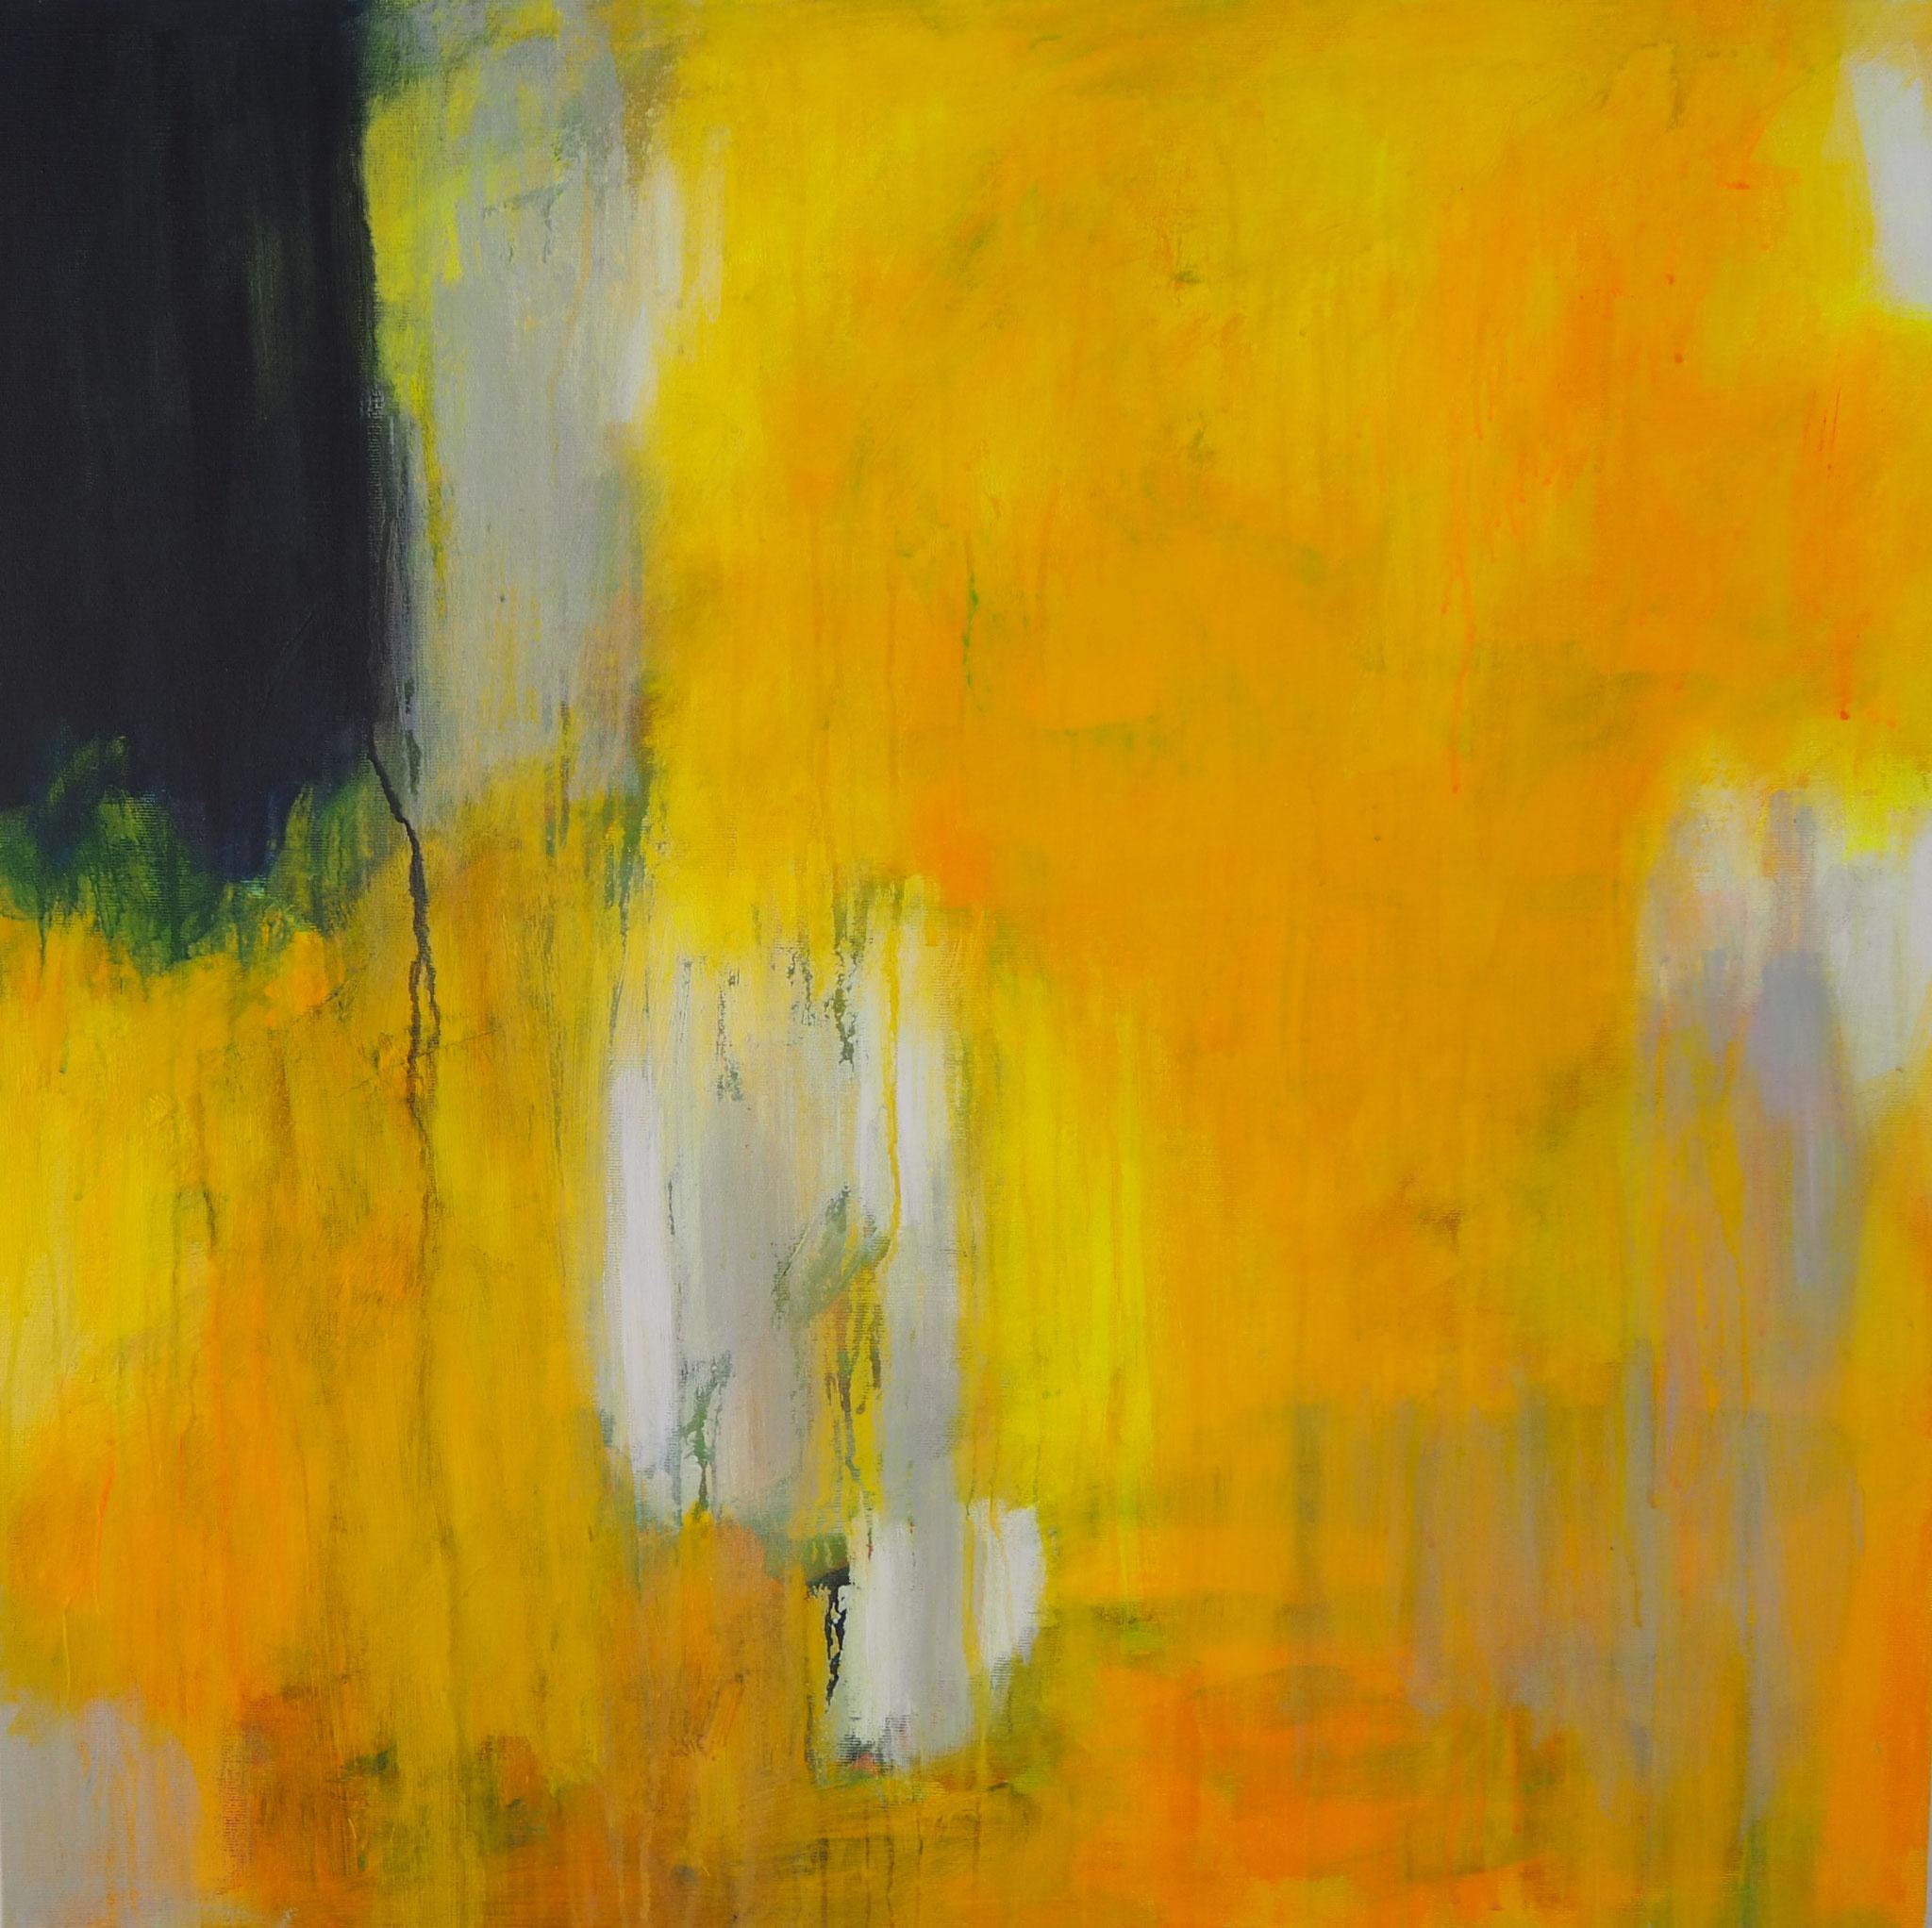 summer dream 2  acryl on canvas  80 cm / 80 cm